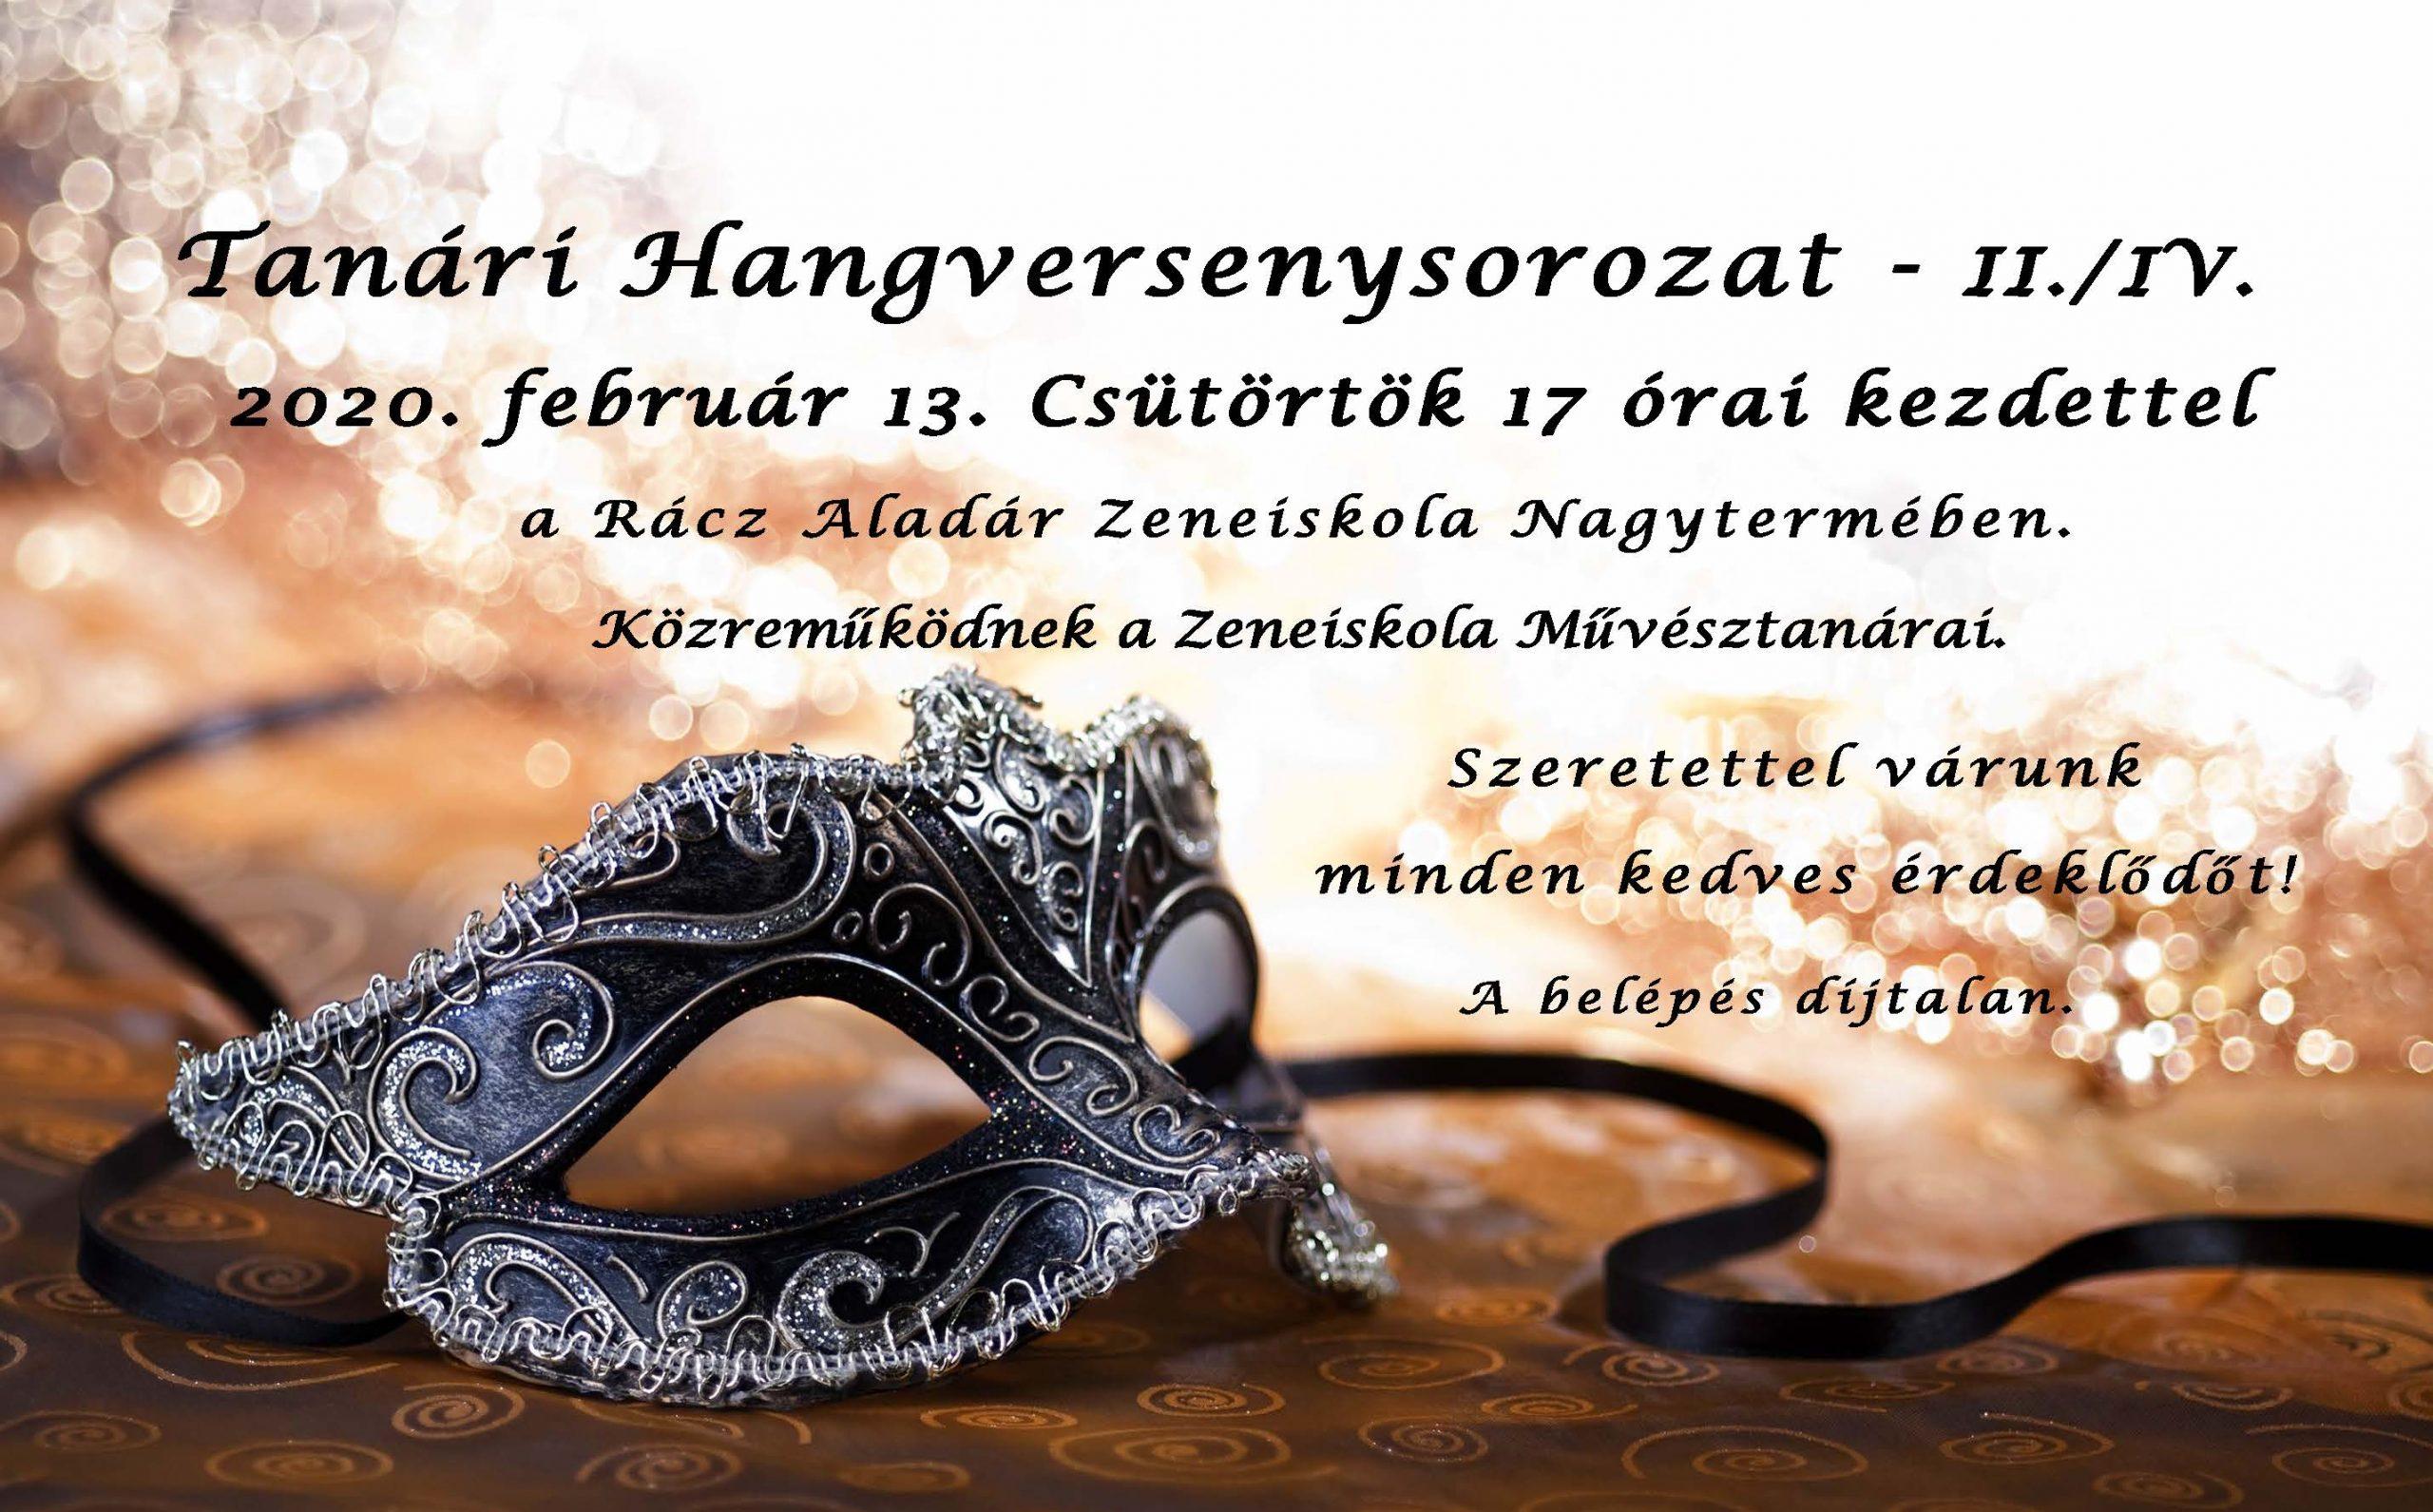 Tanári Hangversenysorozat – II./IV. 2020.02.13 – 17:00